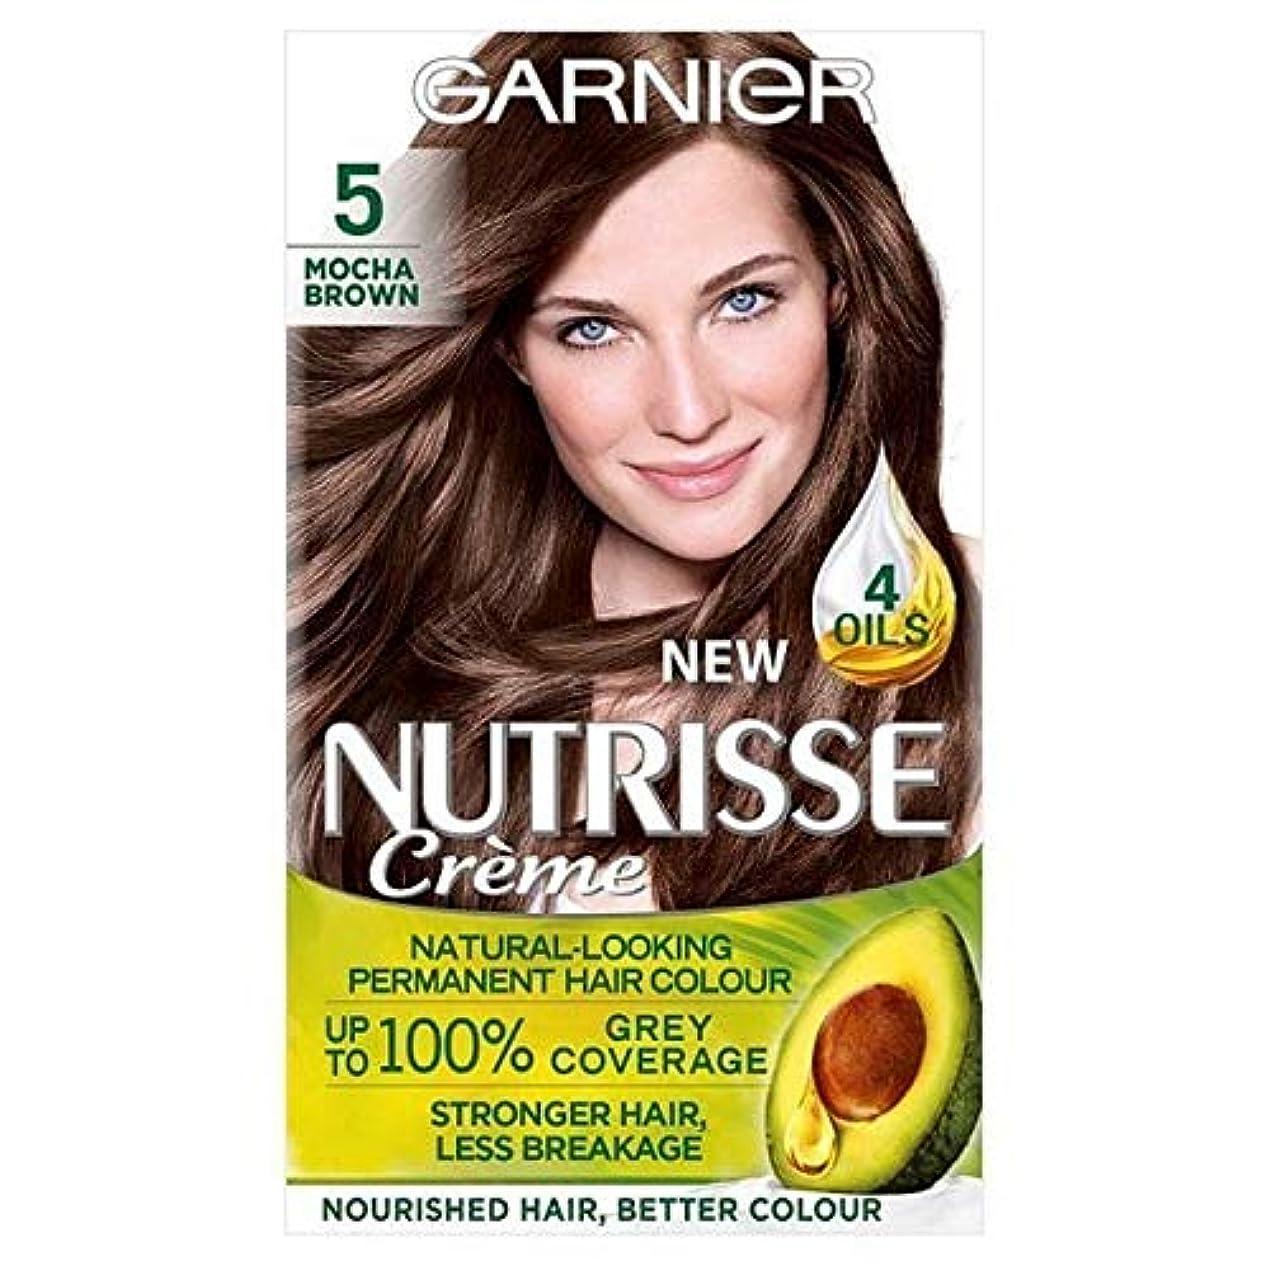 トロリー失望カバレッジ[Garnier ] ガルニエNutrisse永久的な毛髪染料ブラウン5 - Garnier Nutrisse Permanent Hair Dye Brown 5 [並行輸入品]